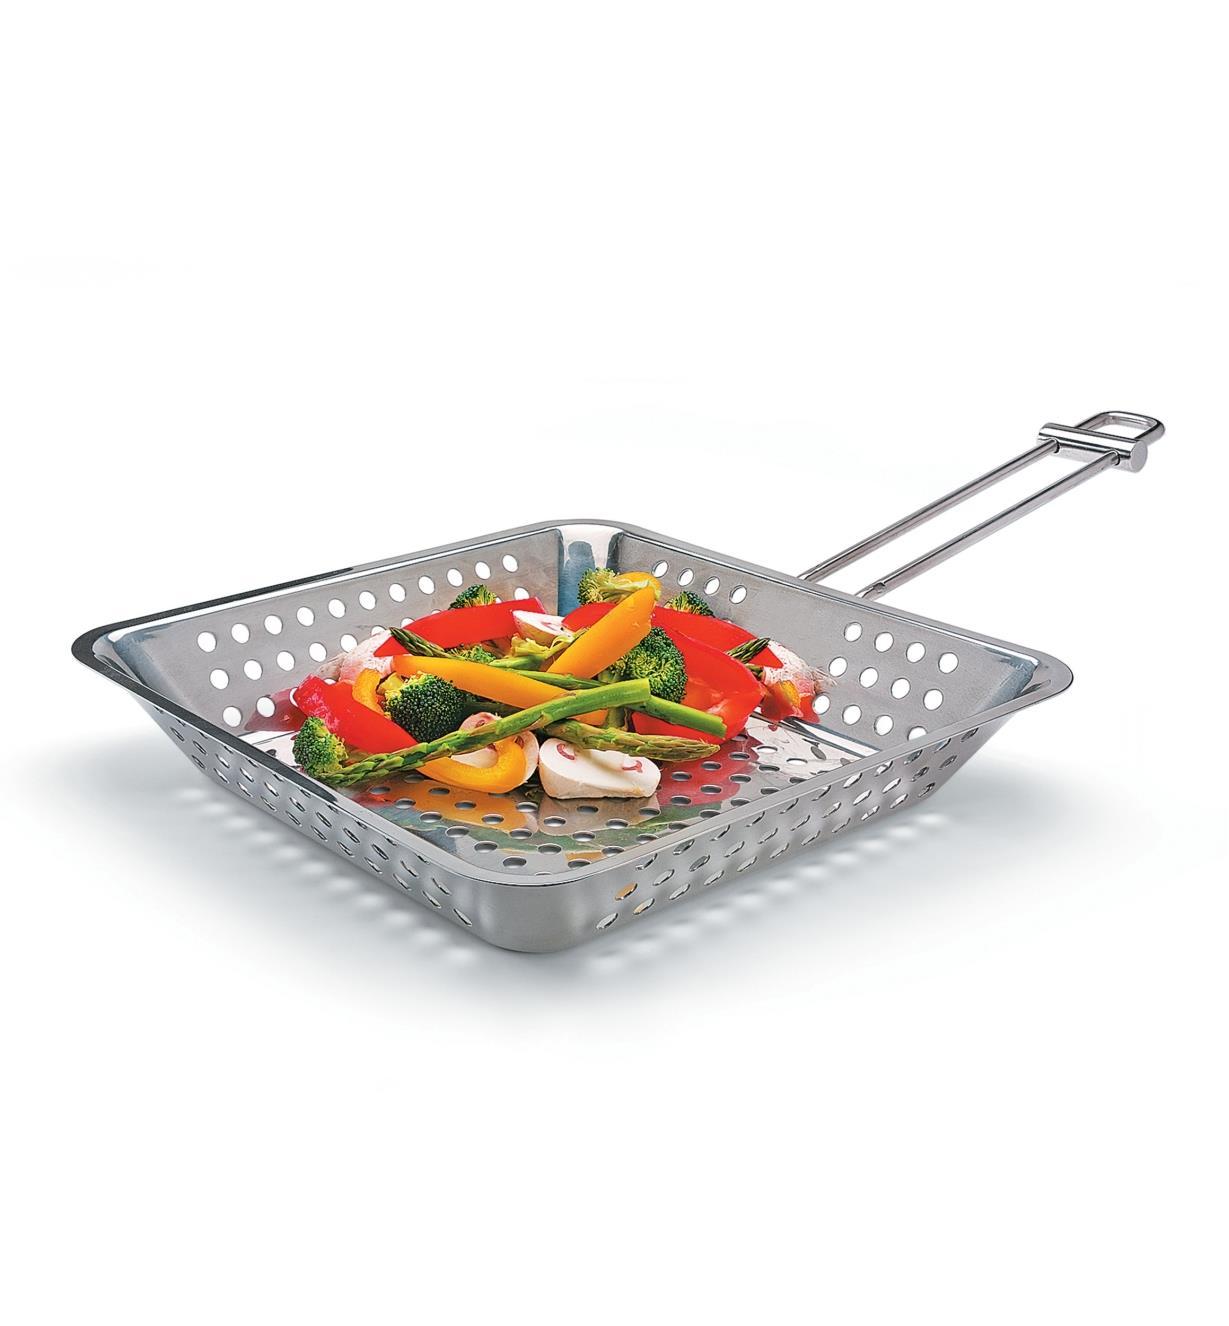 EV275 - Panier de cuisson pour barbecue